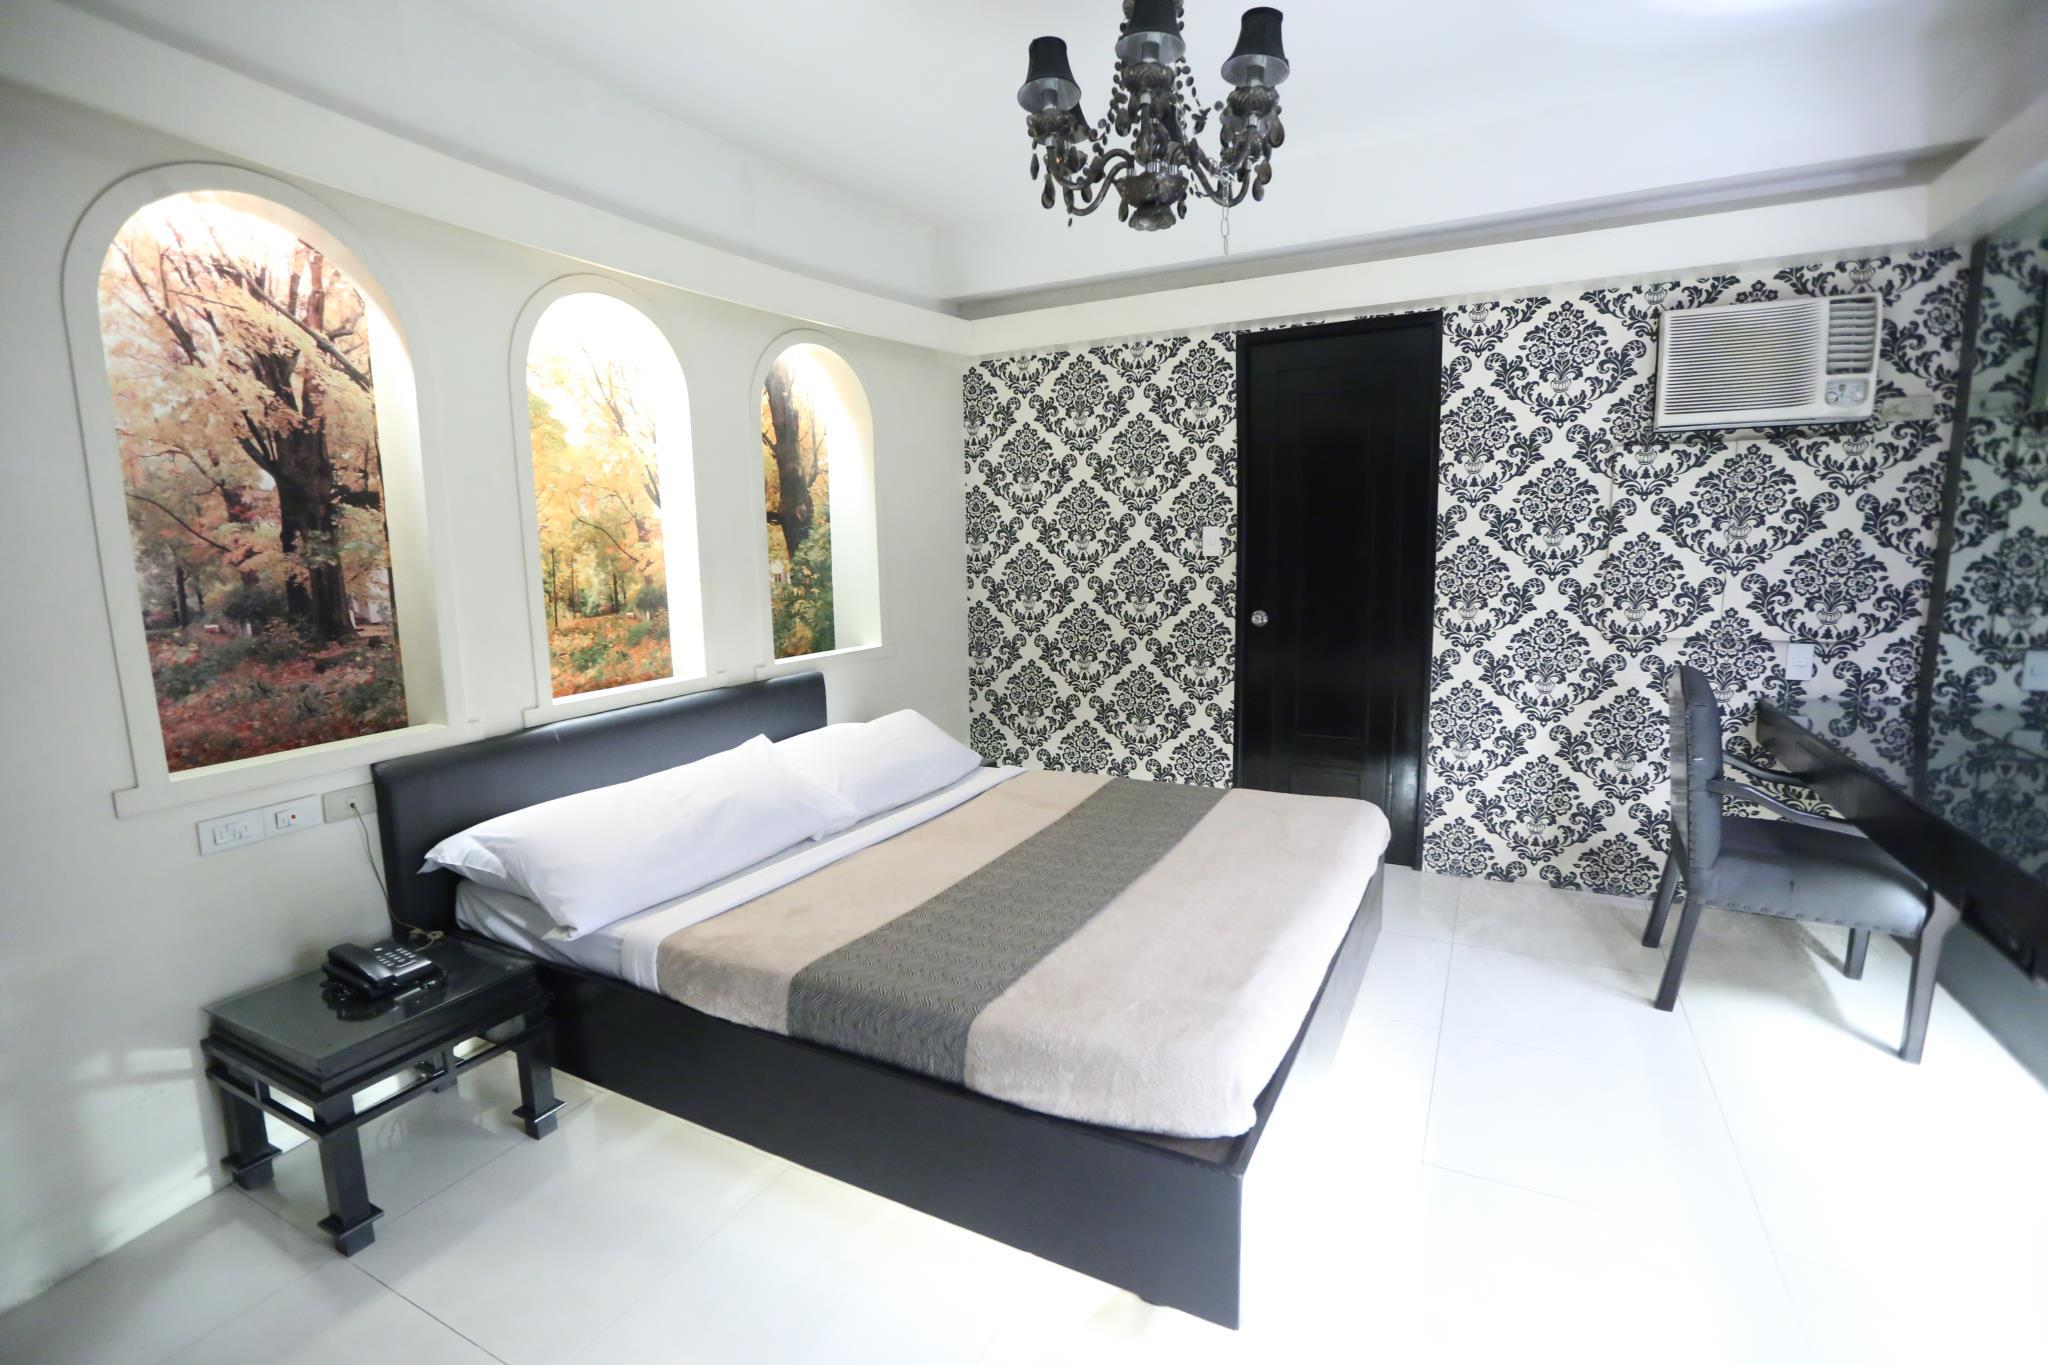 Victoria court suites motorist lodge in manila room deals